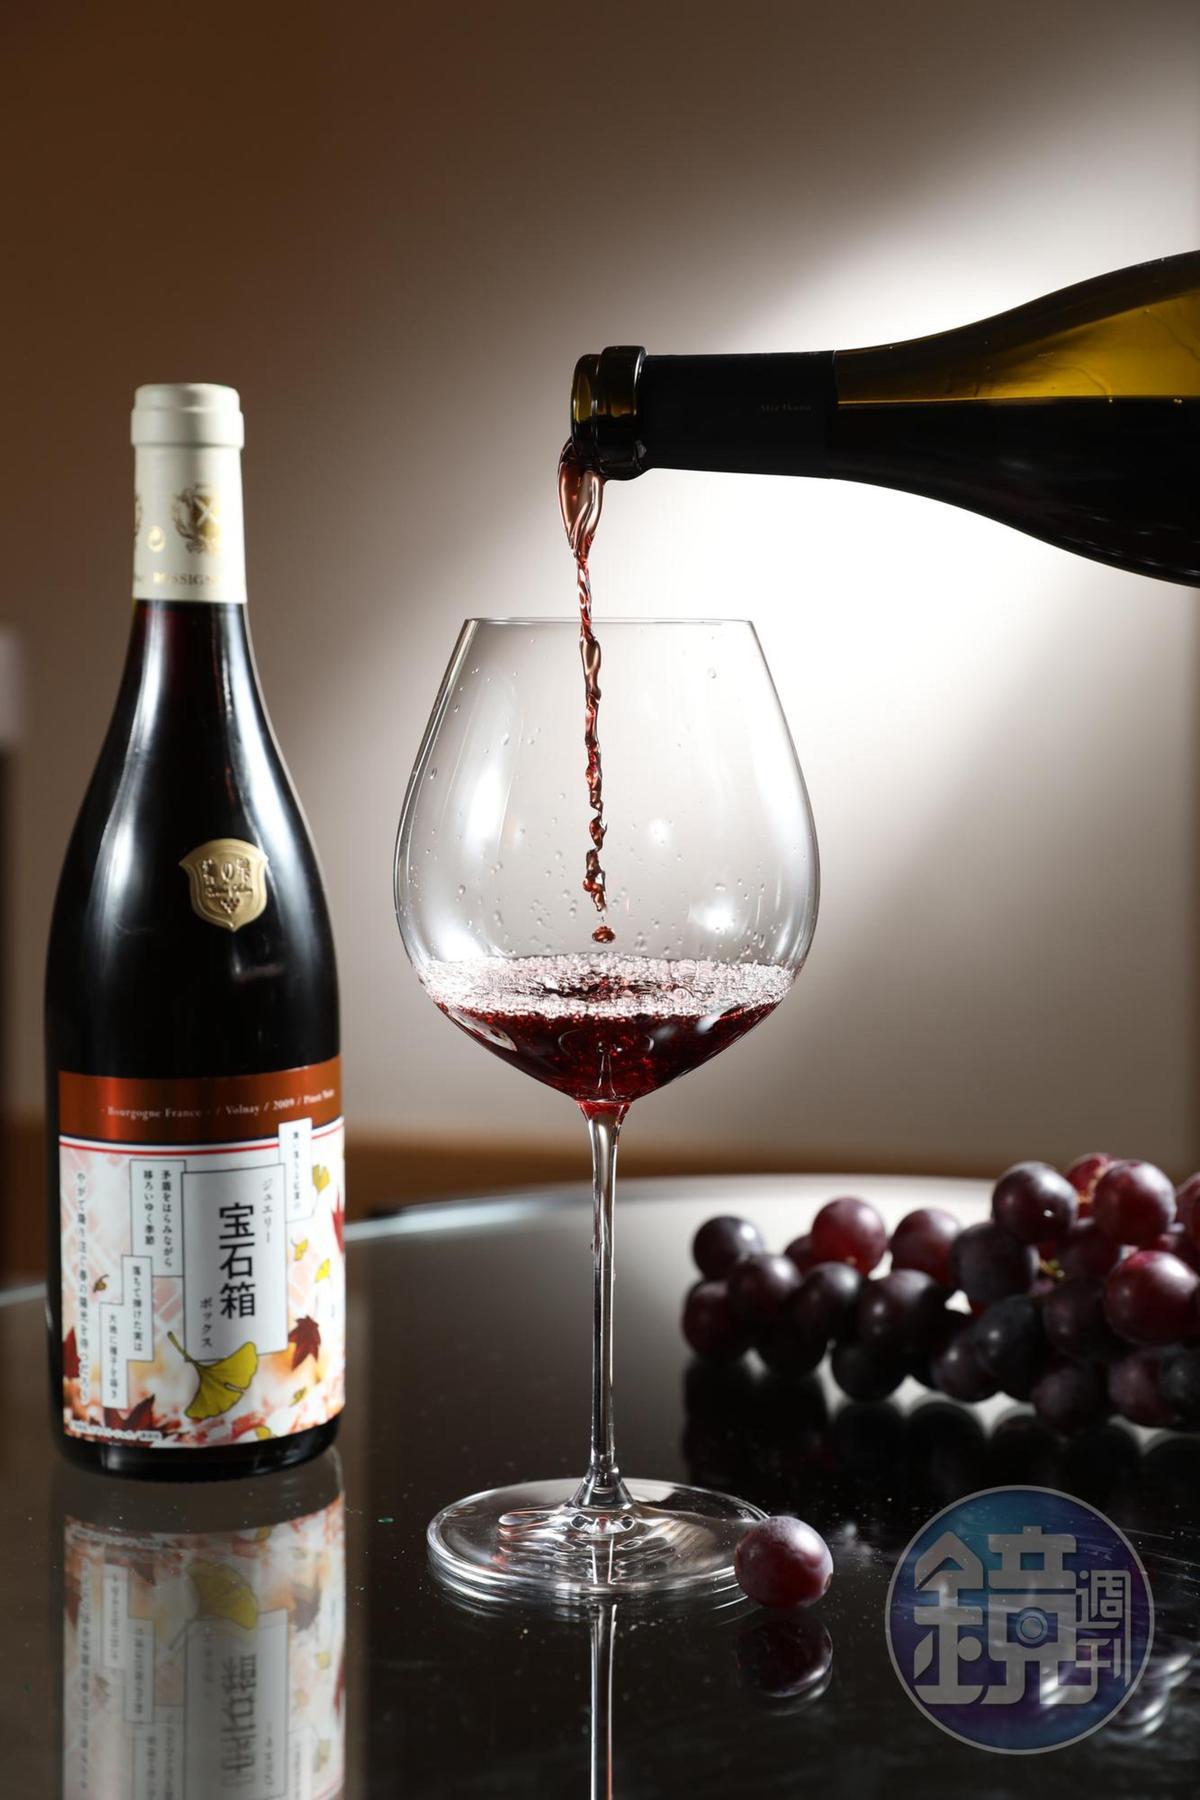 全球不到300瓶的特製「神の雫宝石箱 Volnay 2009」,微香料氣味,跟作品一樣帶有神祕的氣質。(25,000元客座餐酒套餐酒款)